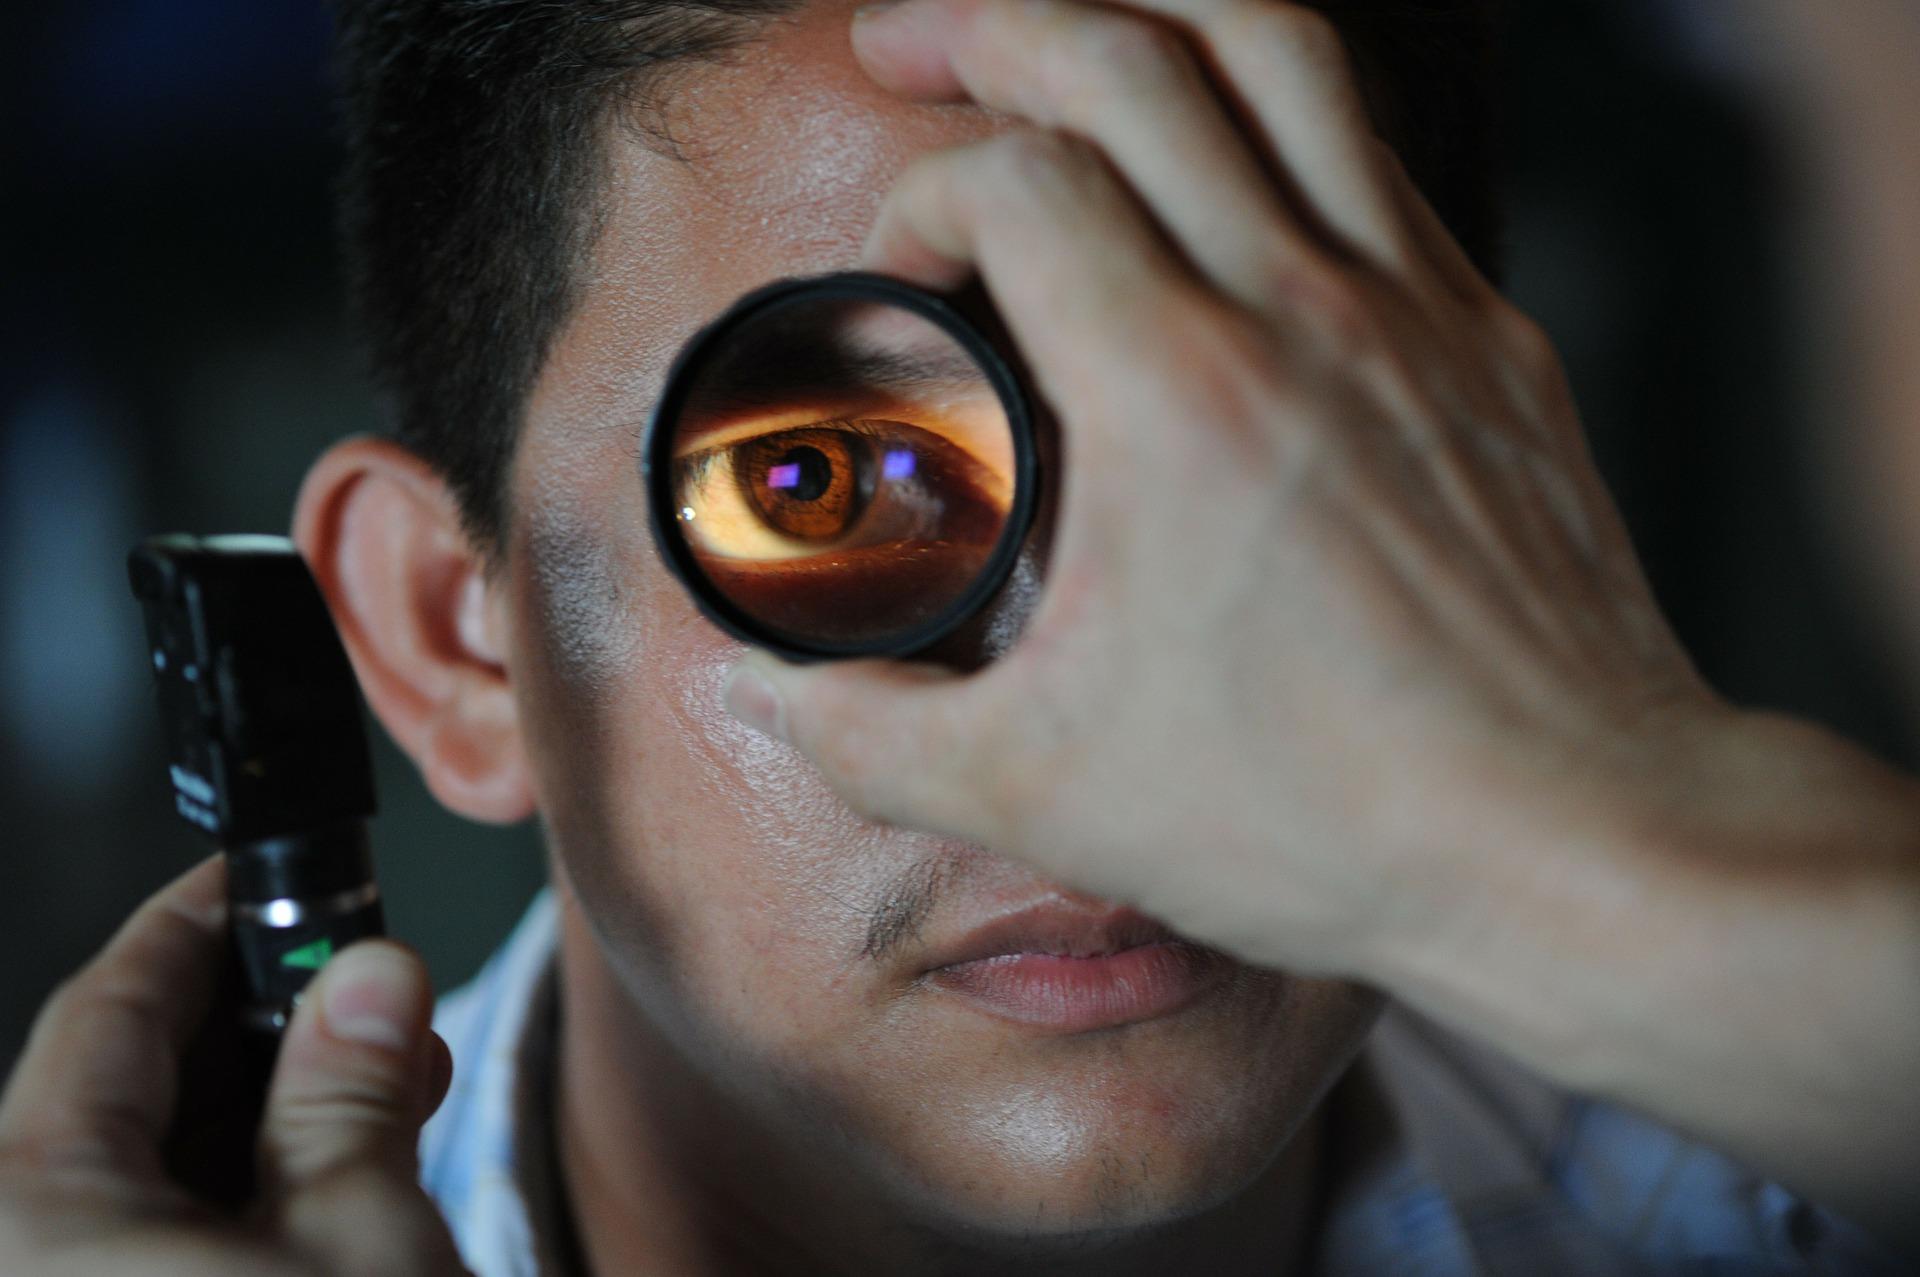 Eisenmangel Symptome Augen